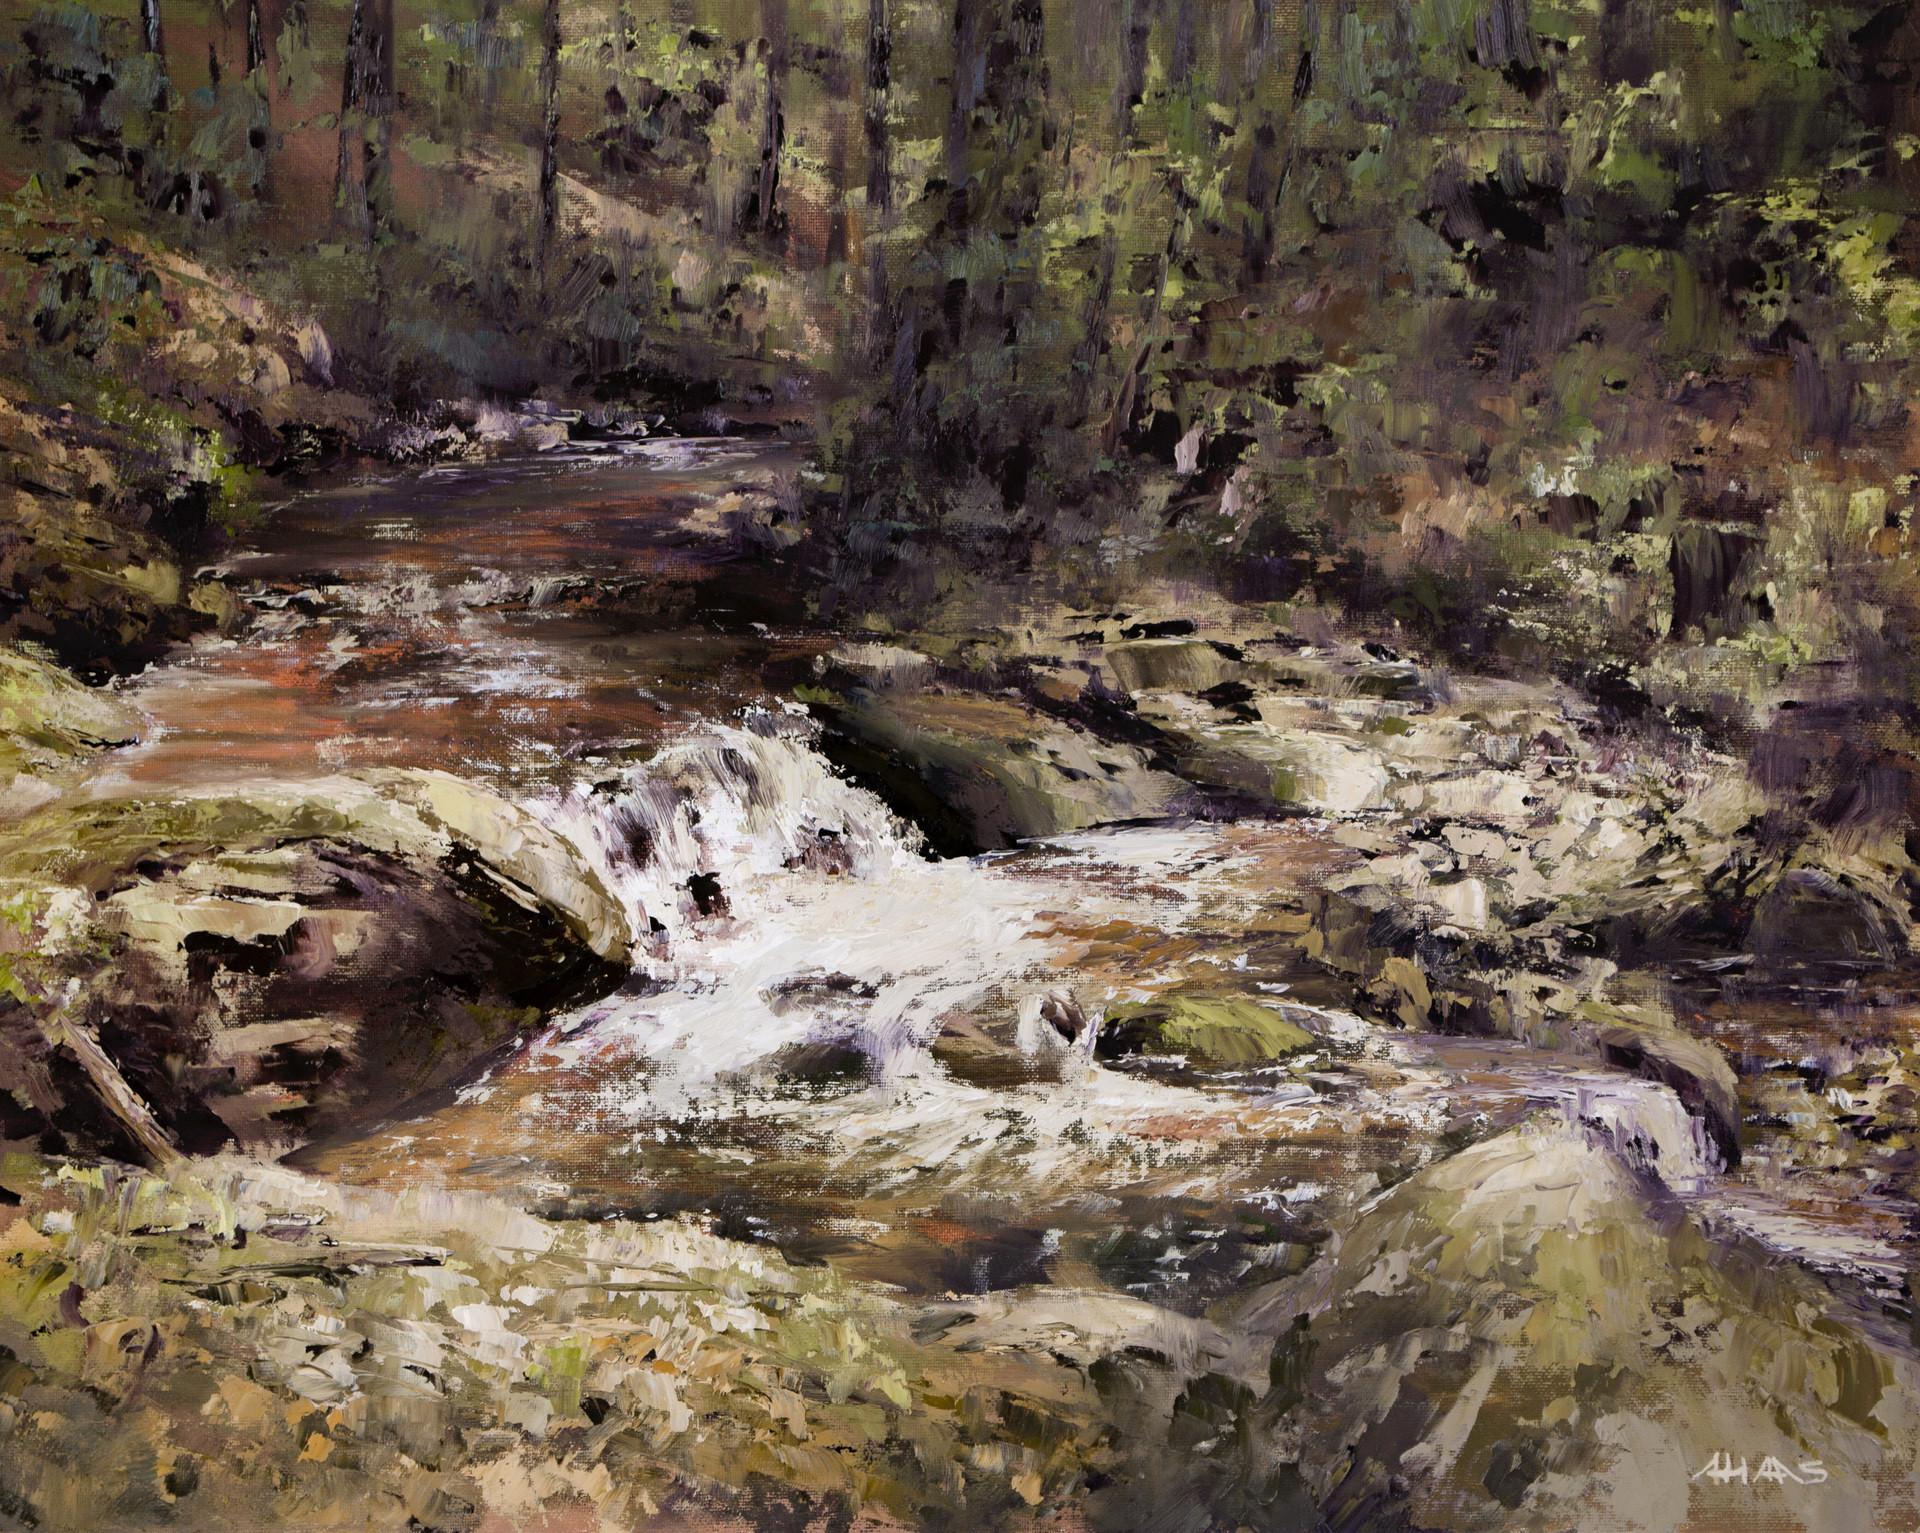 Arthur haas arthur haas waterfall v small